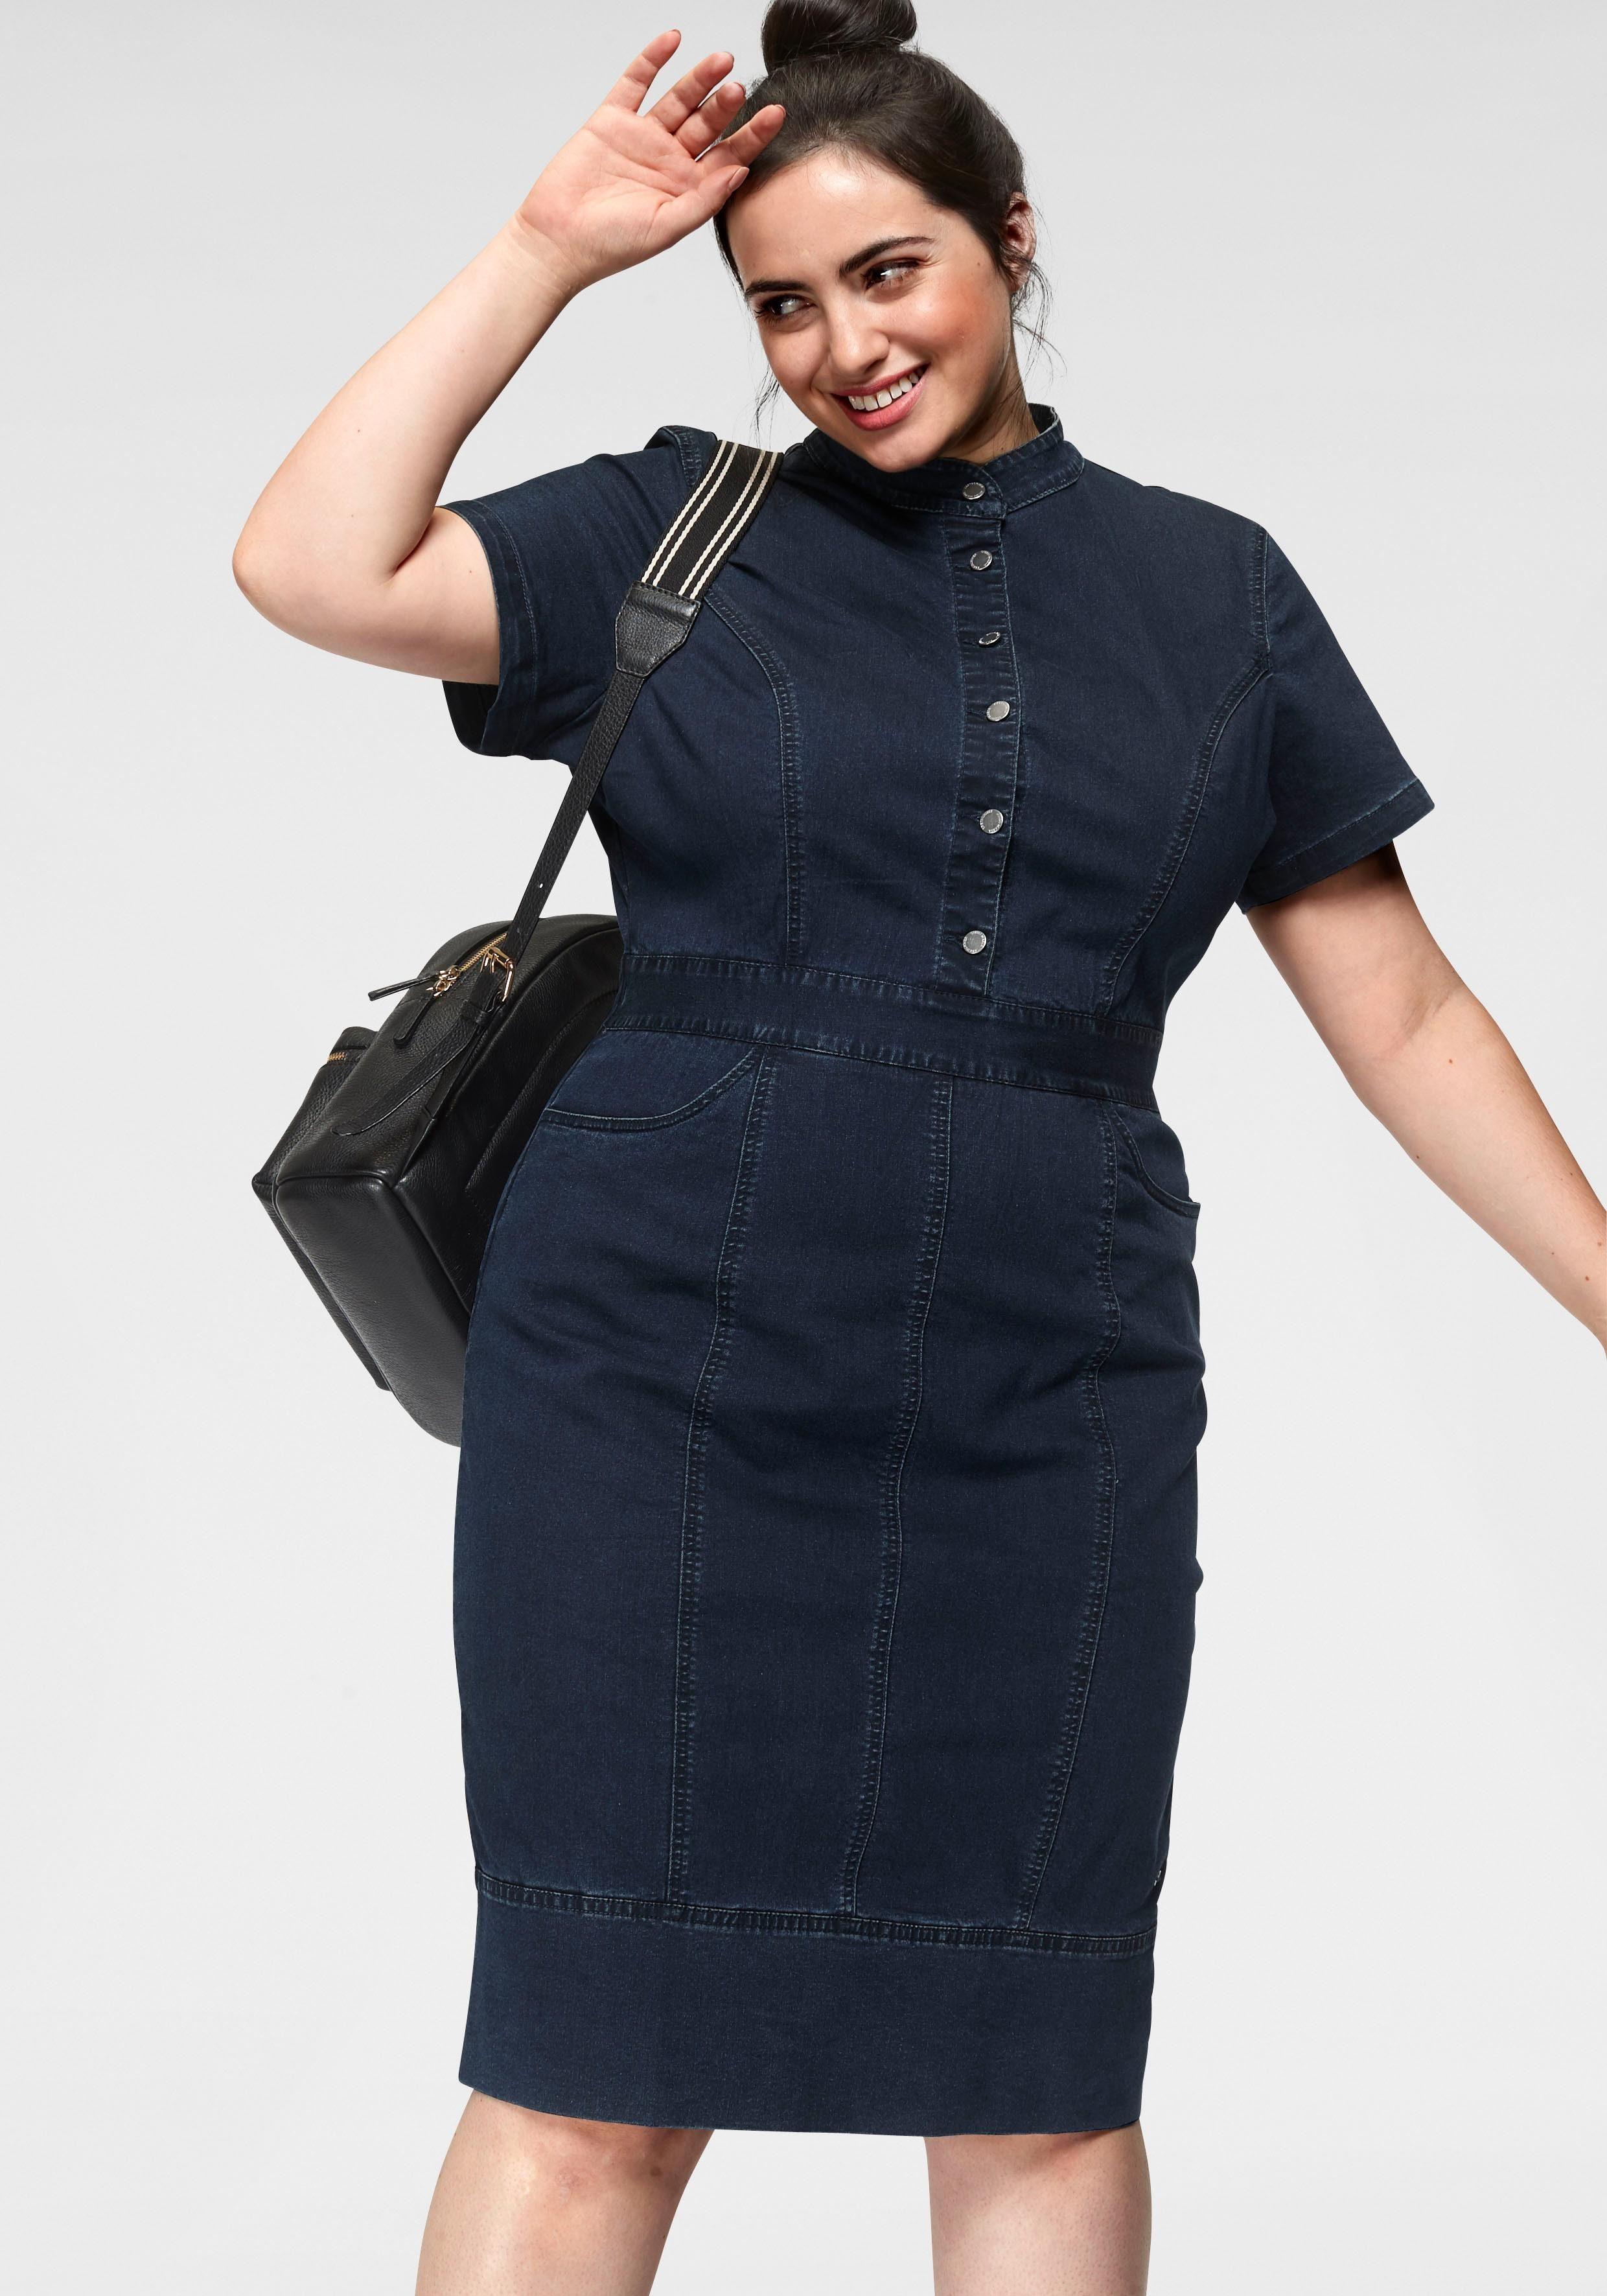 GMK Curvy Collection Jeanskleid mit Knopfverschluss